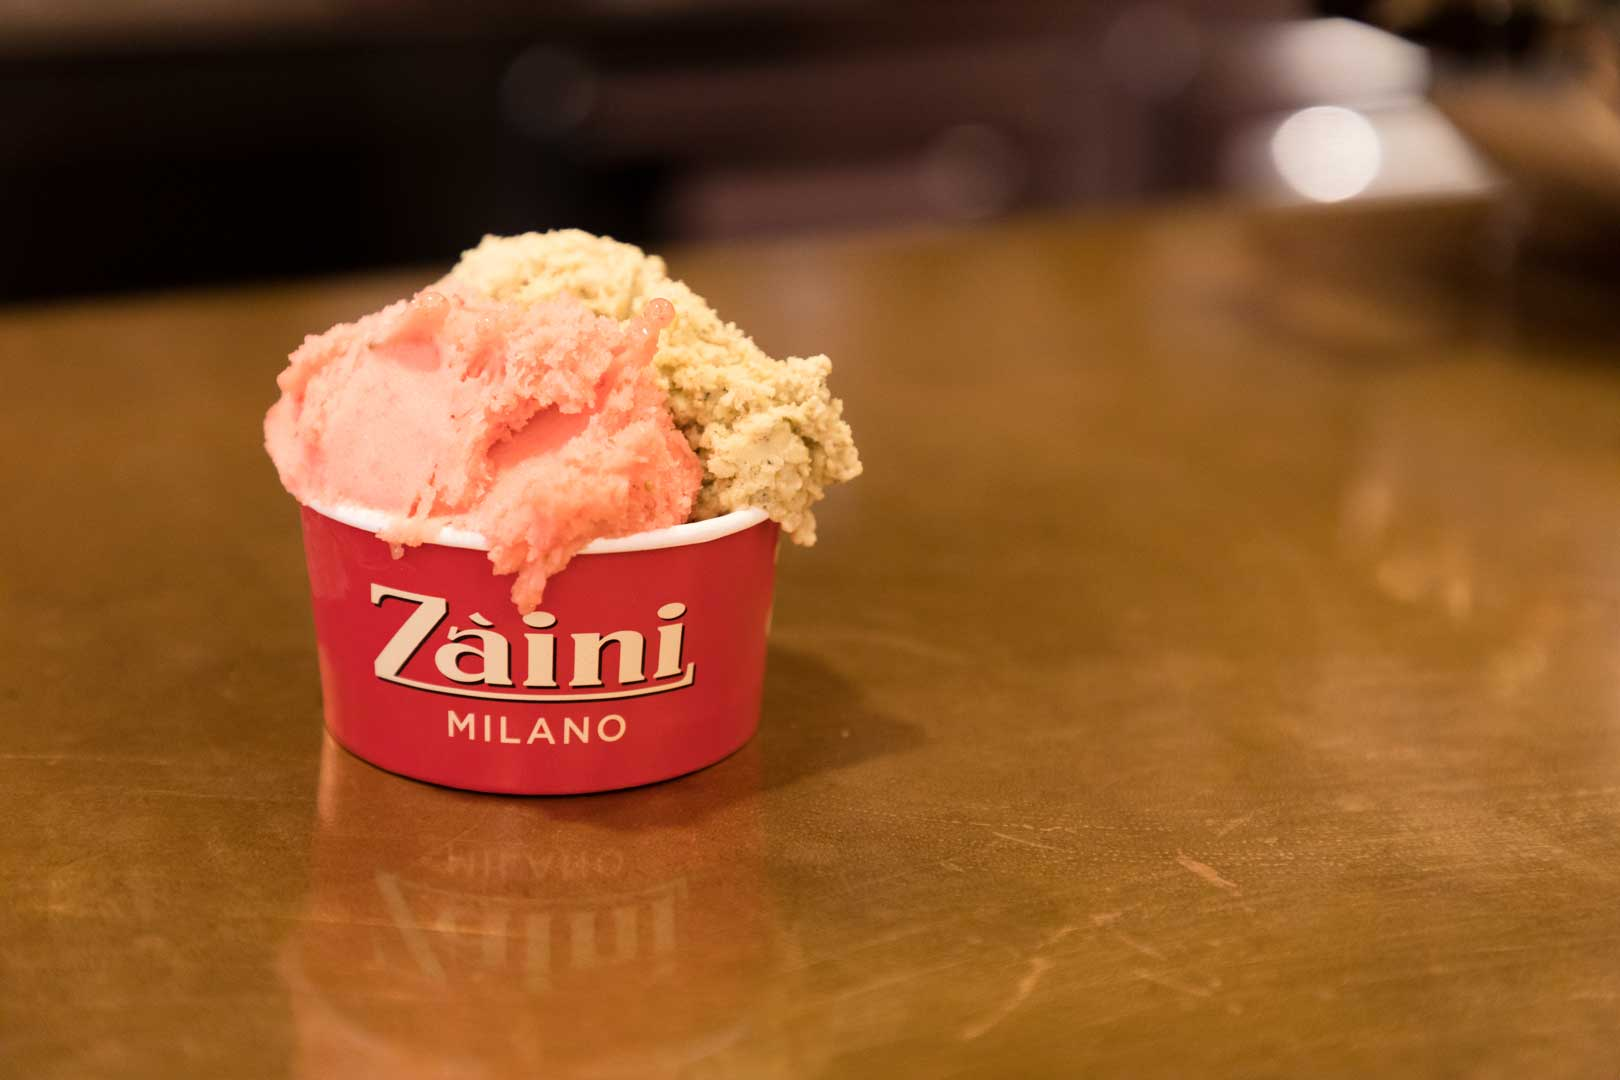 Zaini - Milano